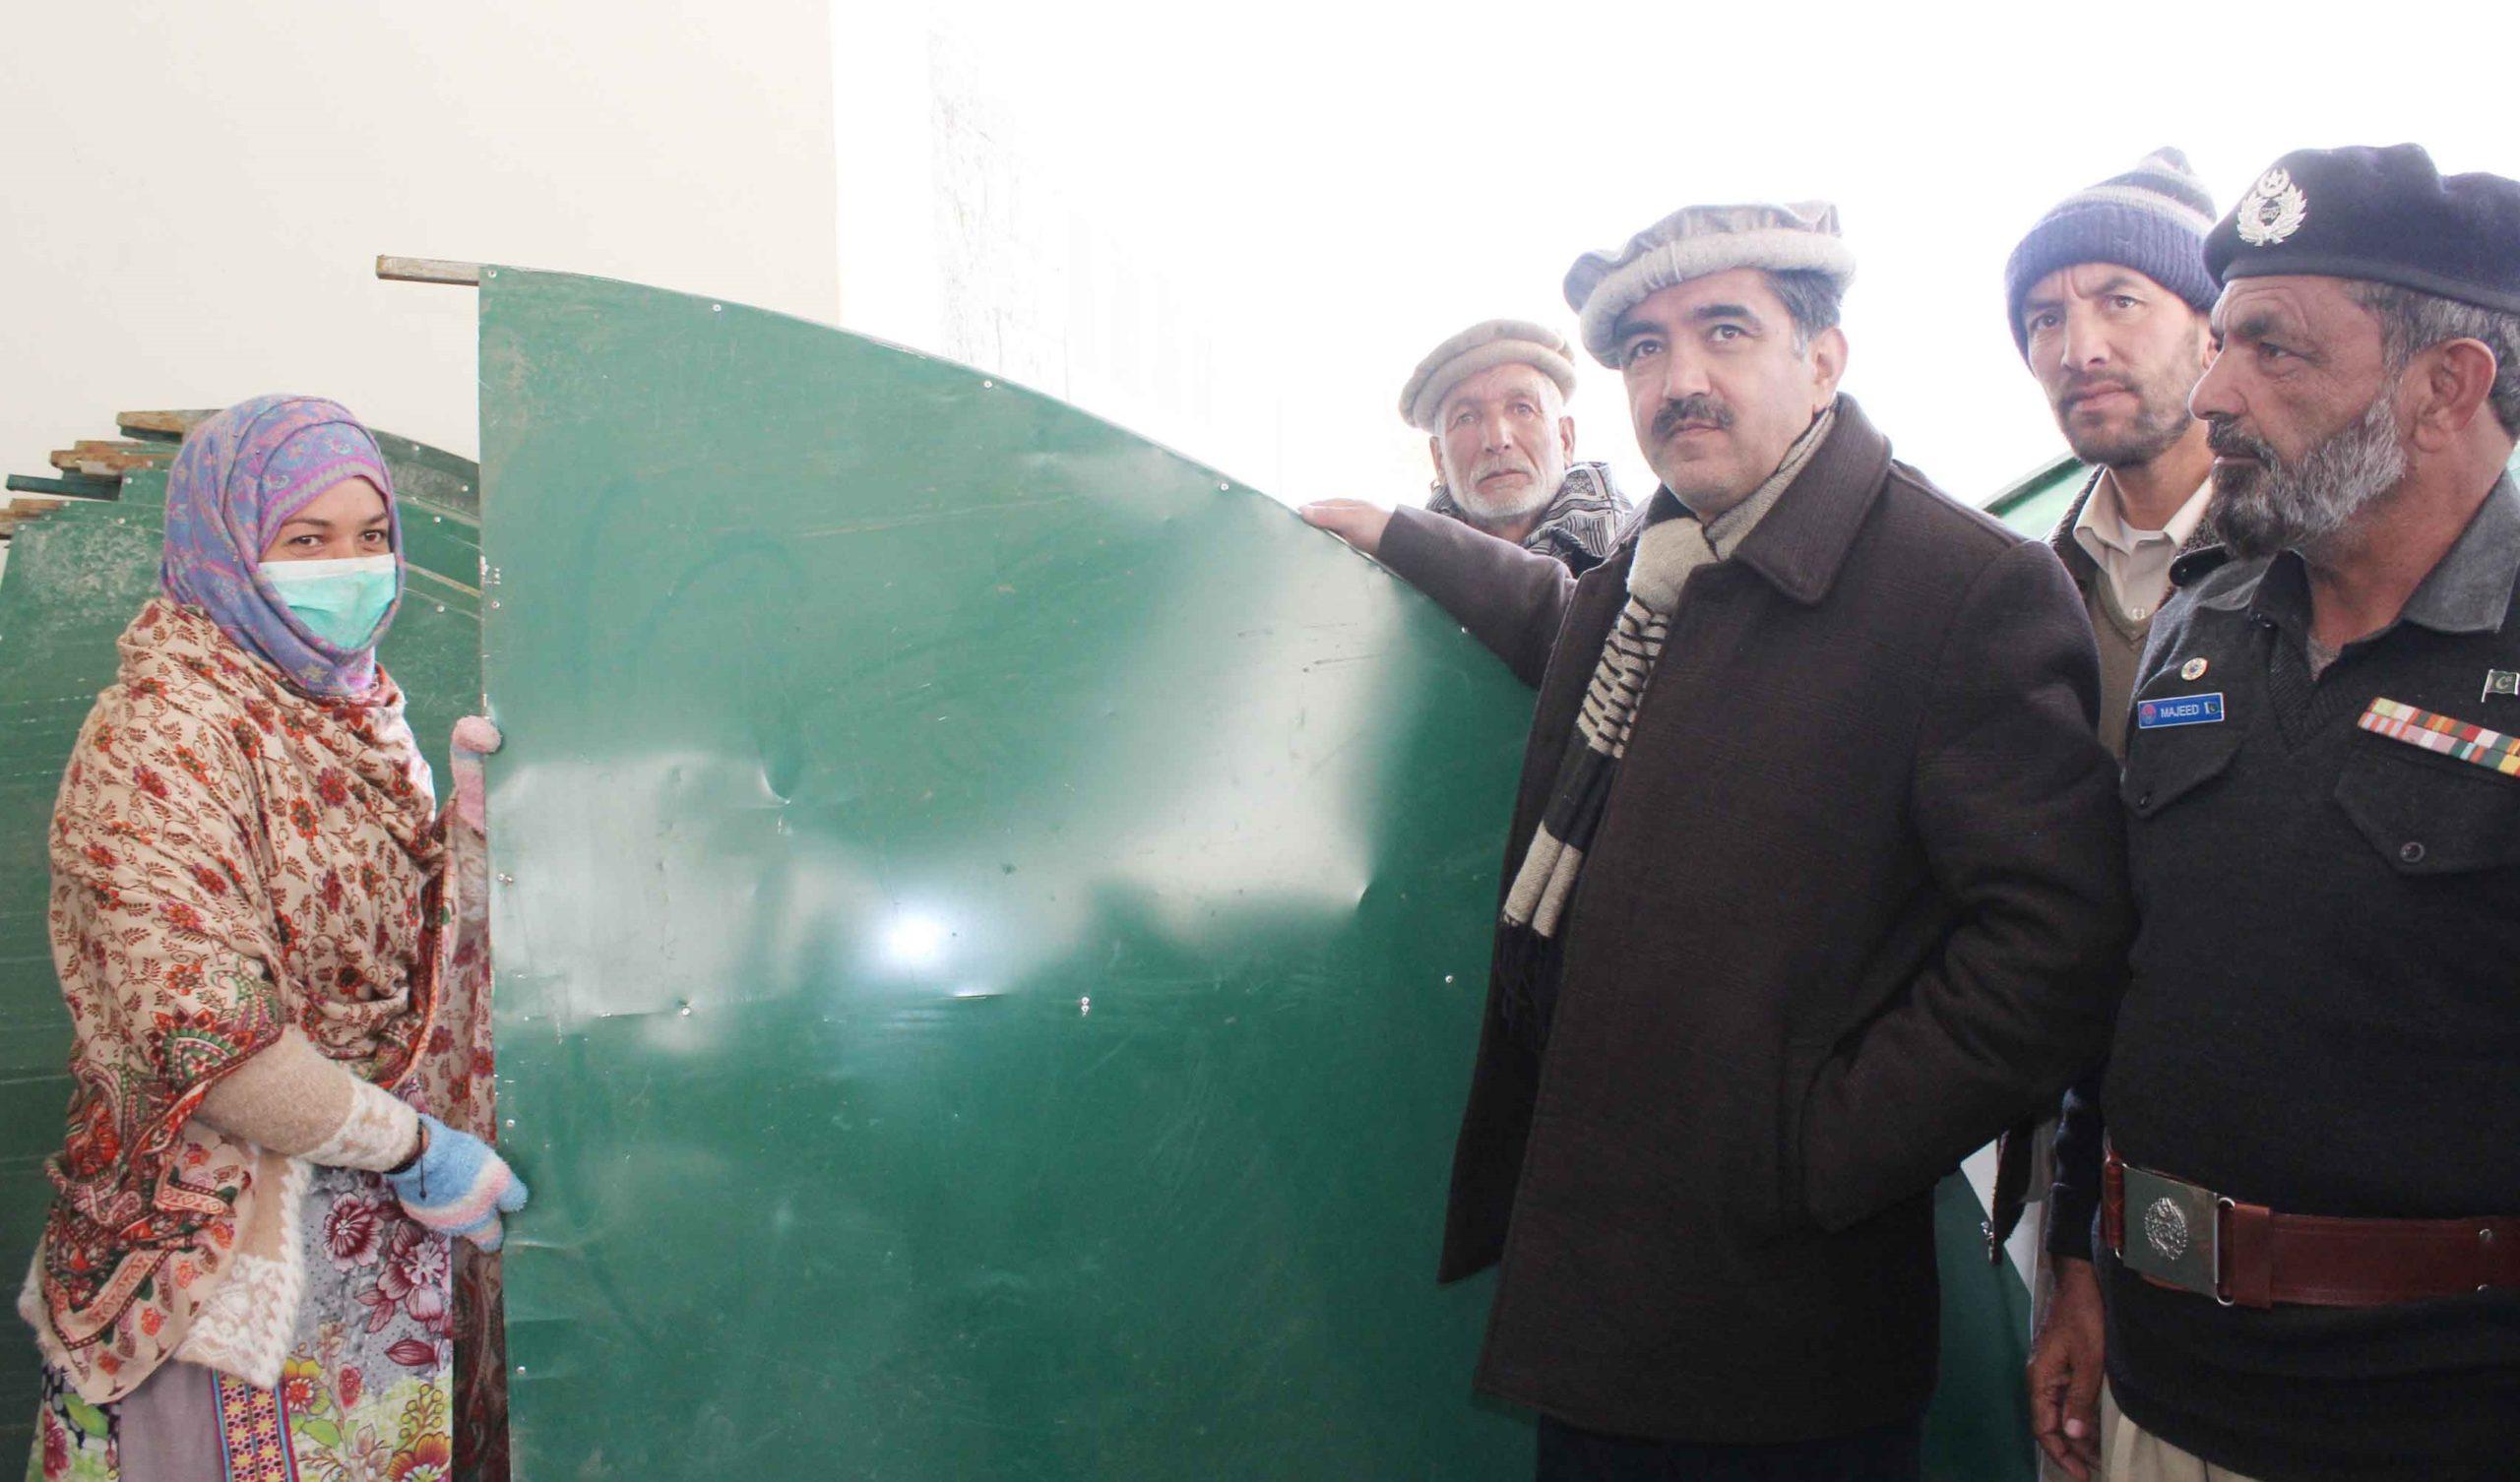 شگر:محکمہ زراعت کے زیر اہتمام 20 کسانوںمیں پلاسٹک ٹنلز تقسیم